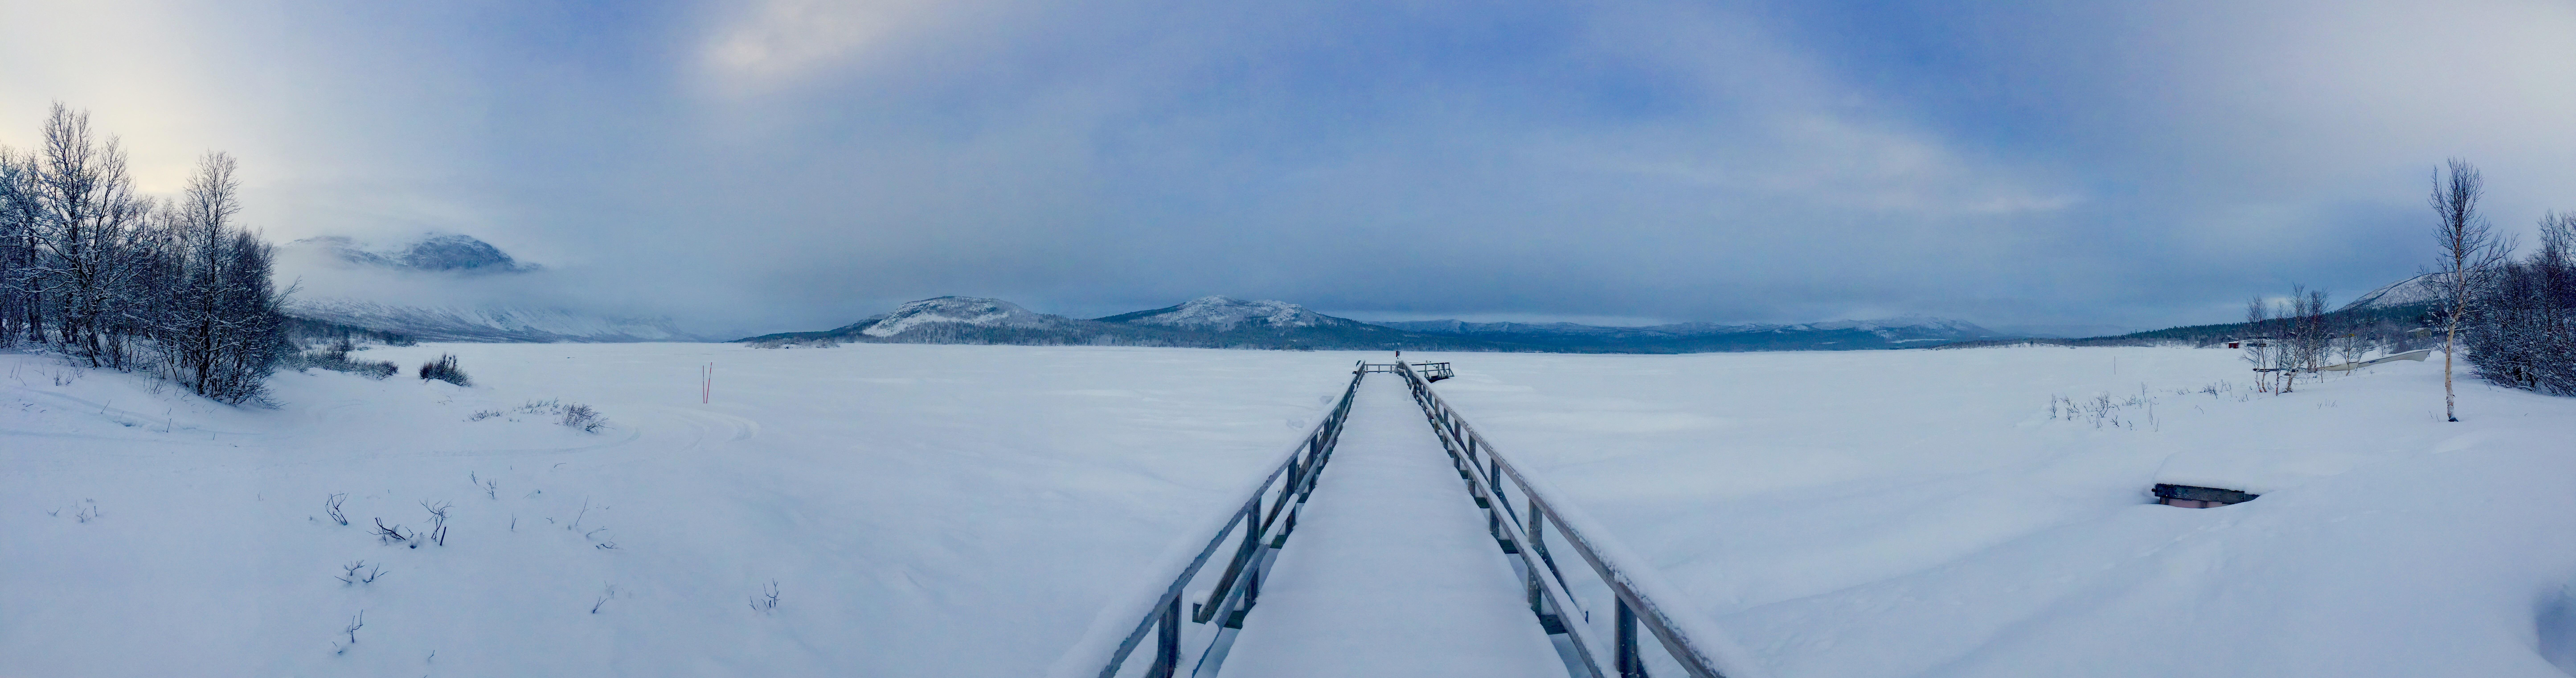 Snöbrygga